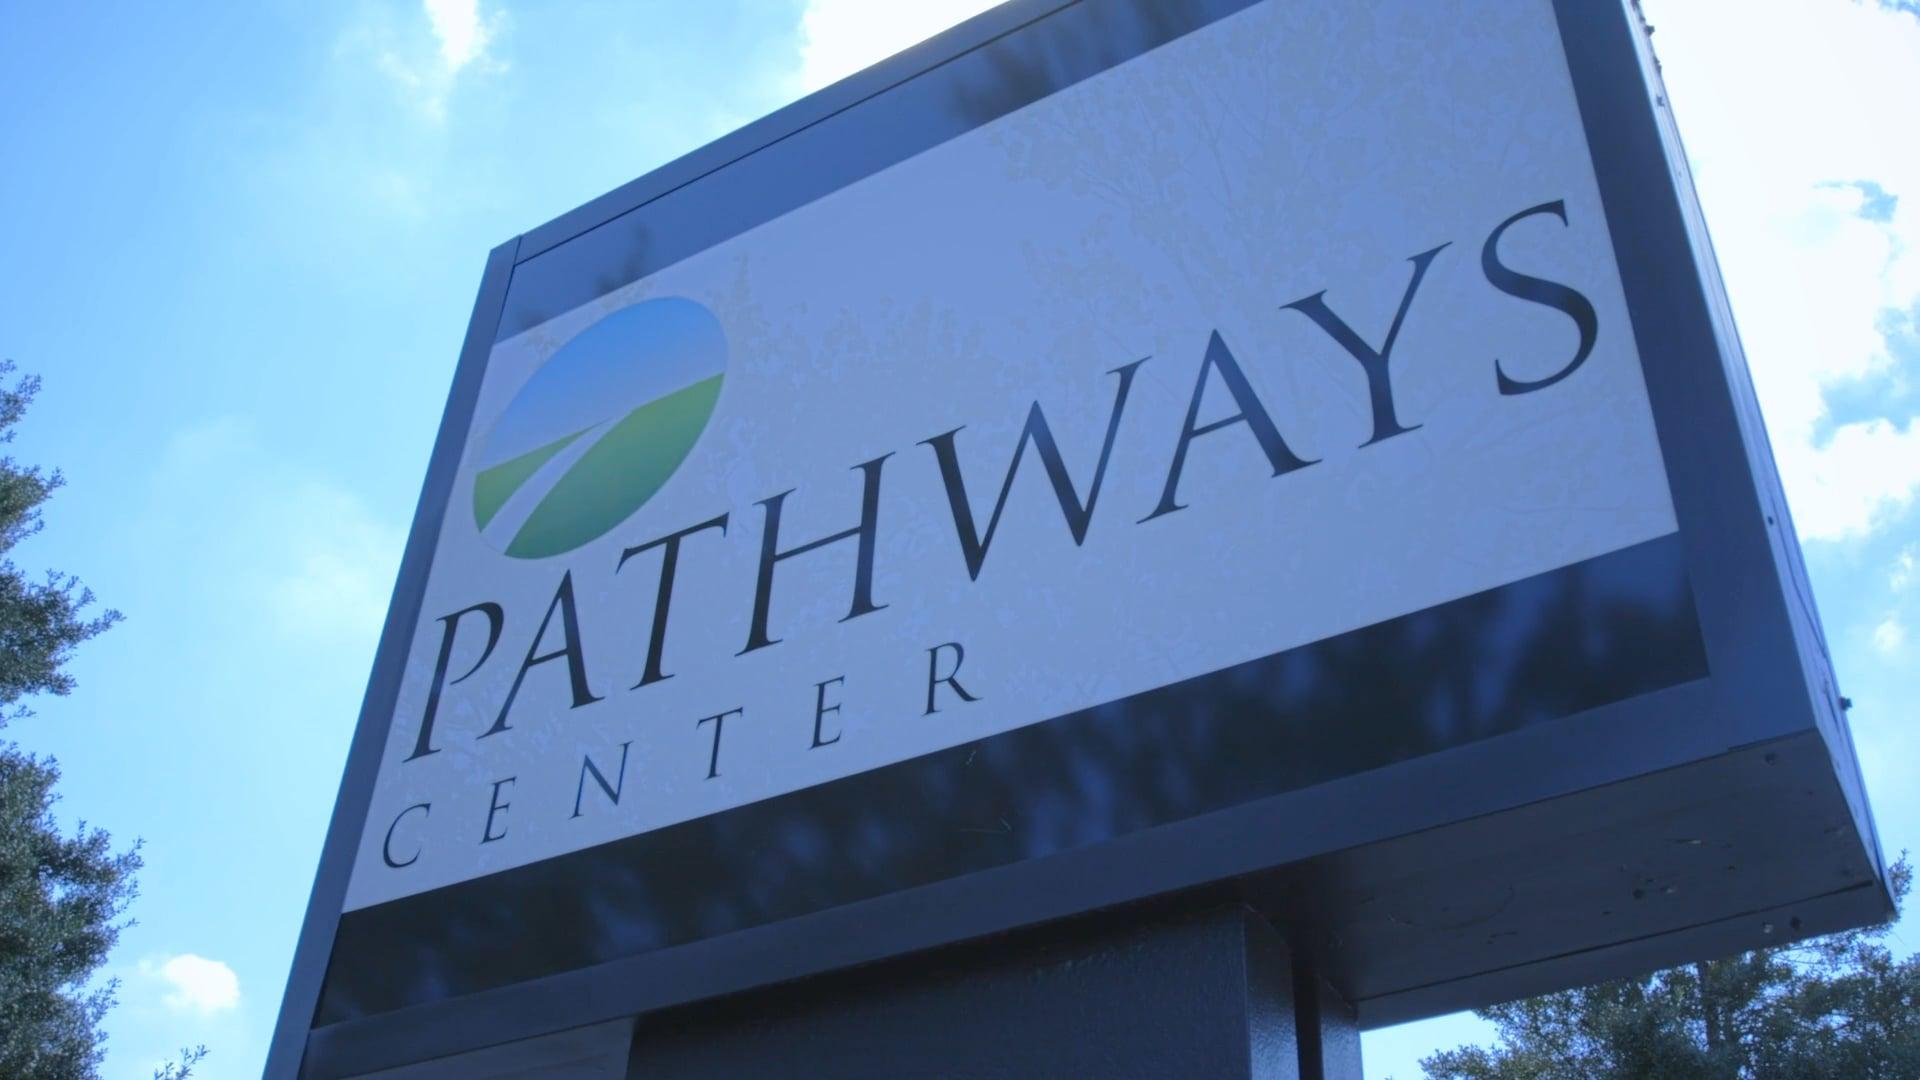 Pathways Center